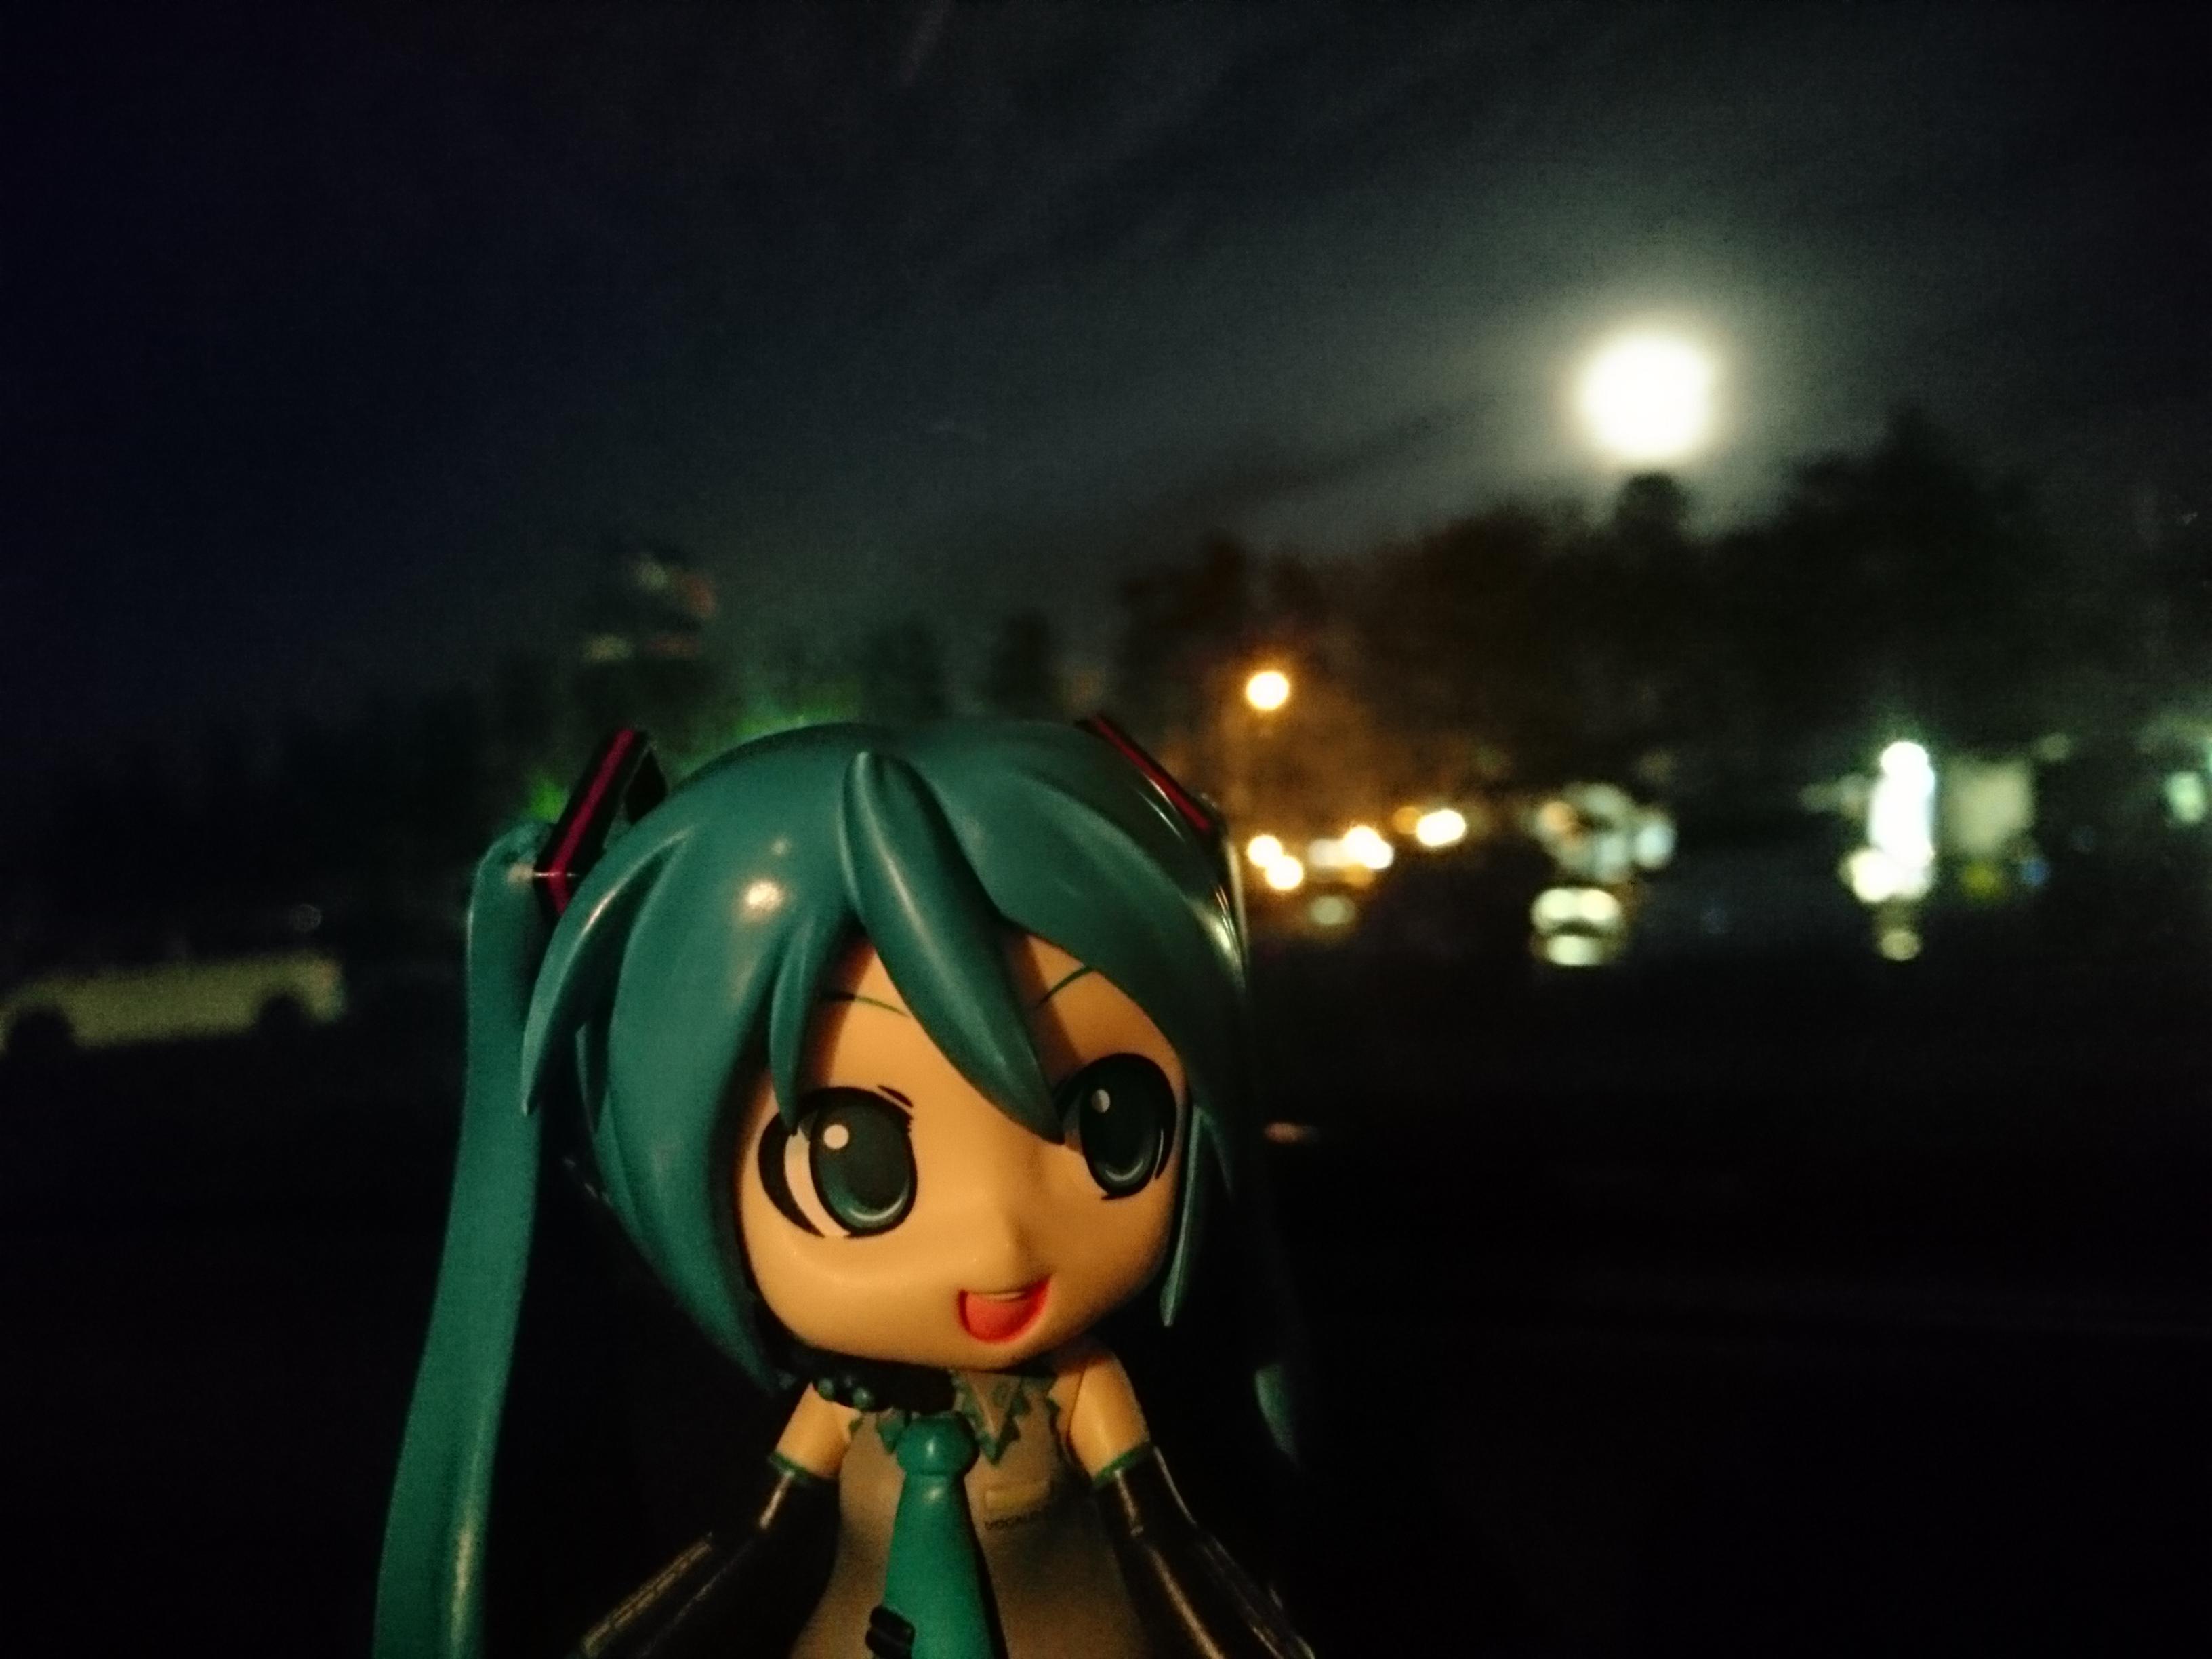 月明かりチョビたん大洗。